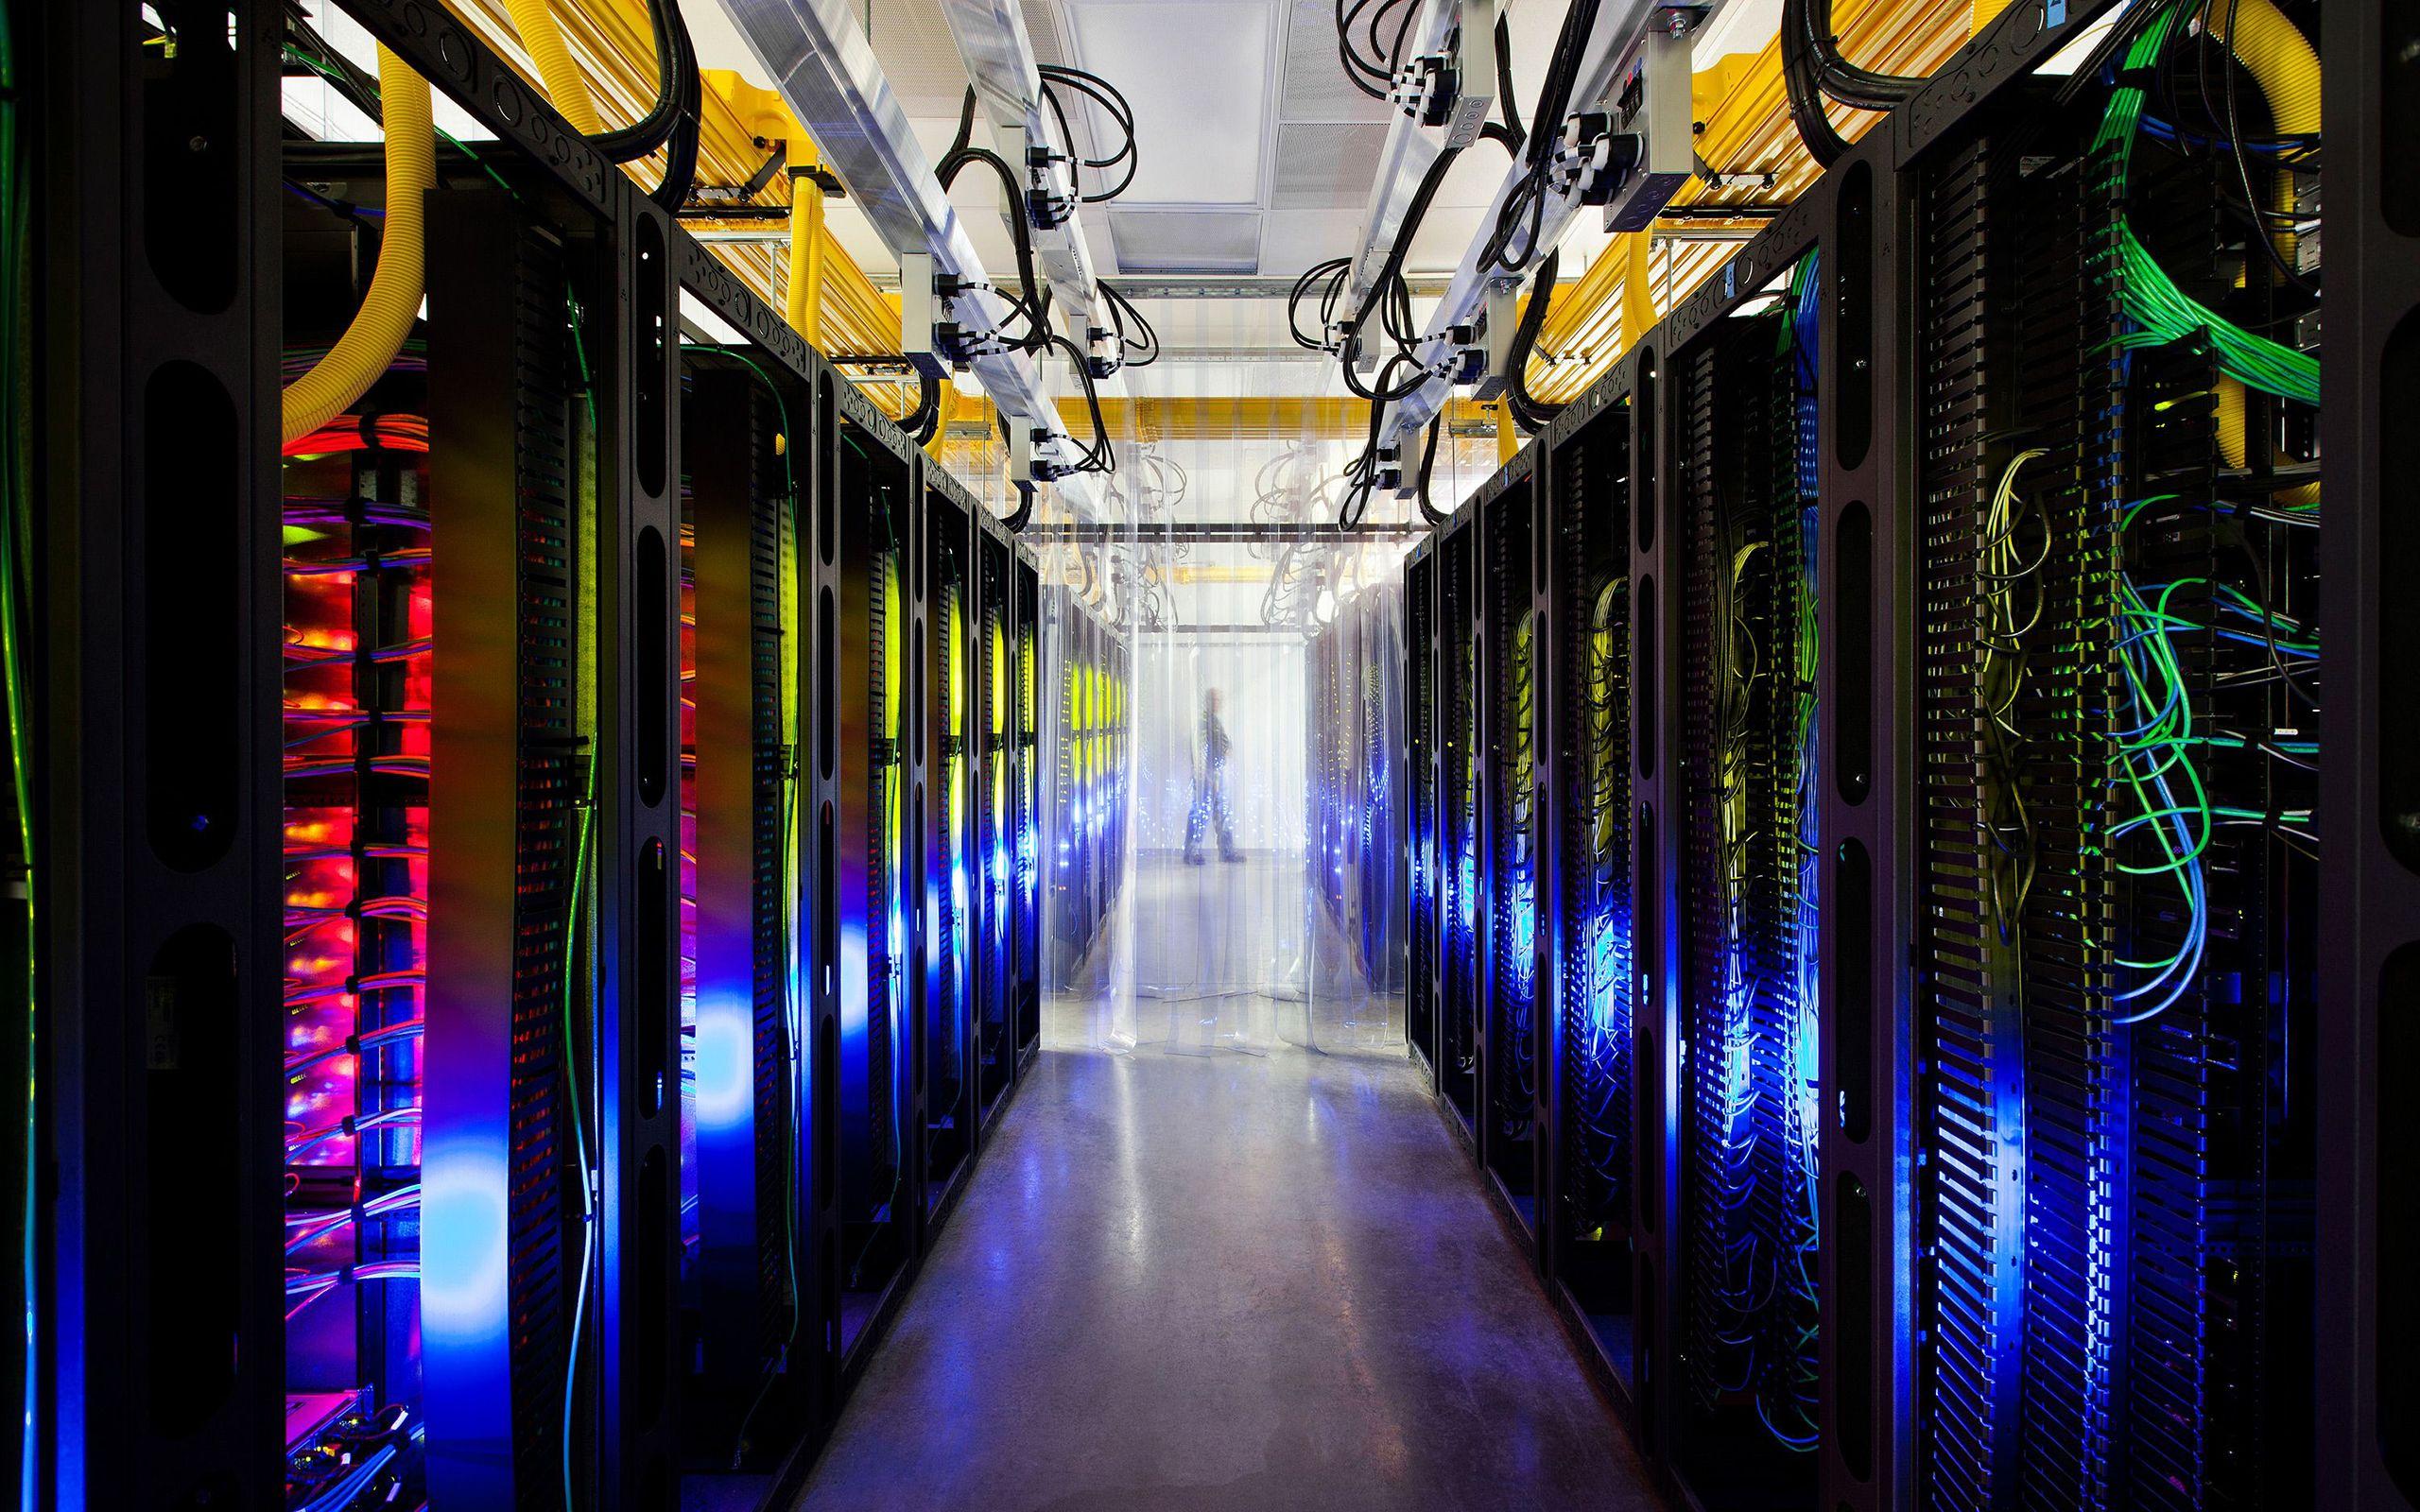 Server Room Wallpaper Data Center Big Data Data